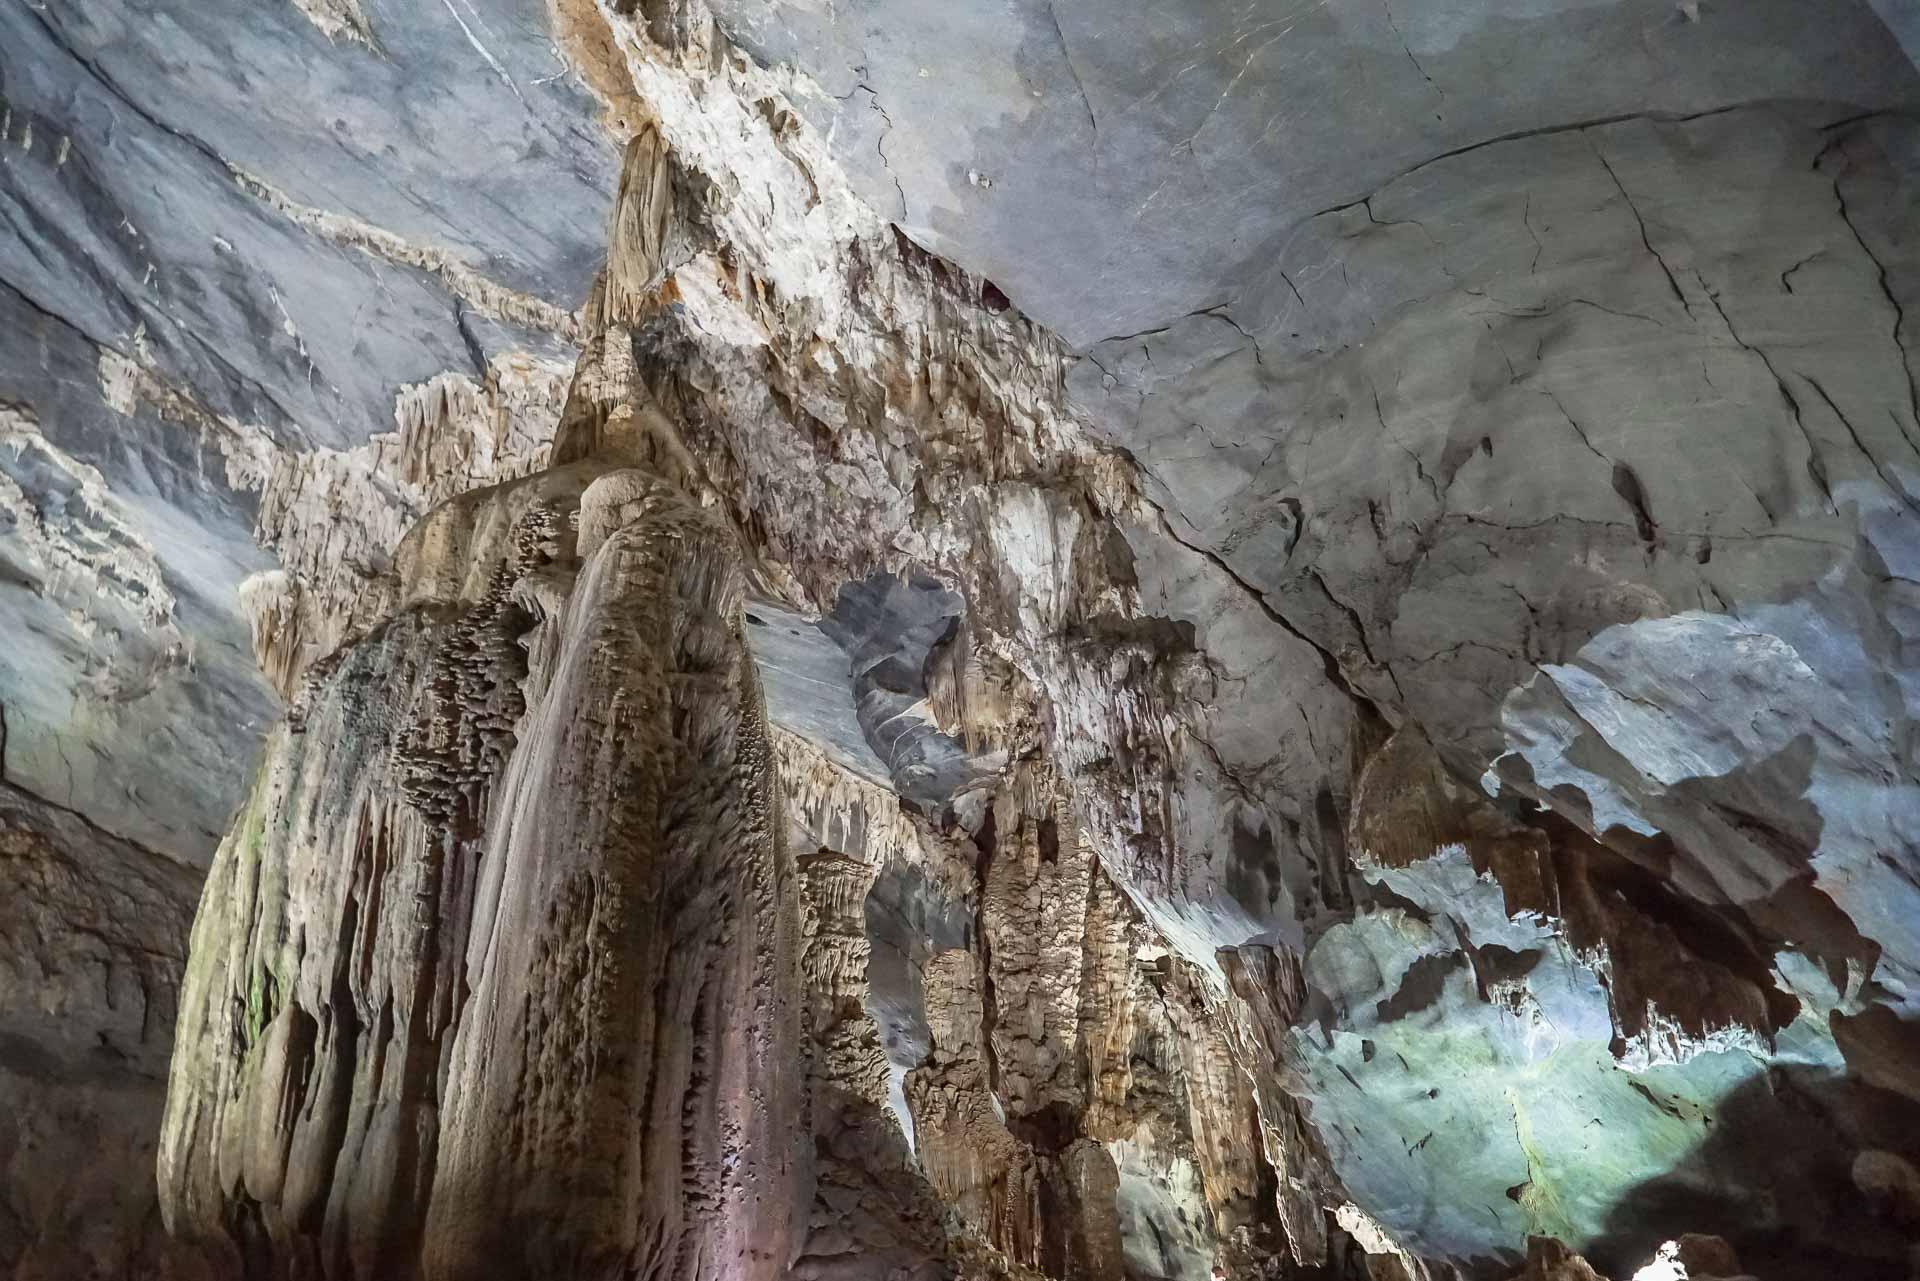 LesVoyageuses-Vietnam-Phong-Nha-Caves-Nature-54